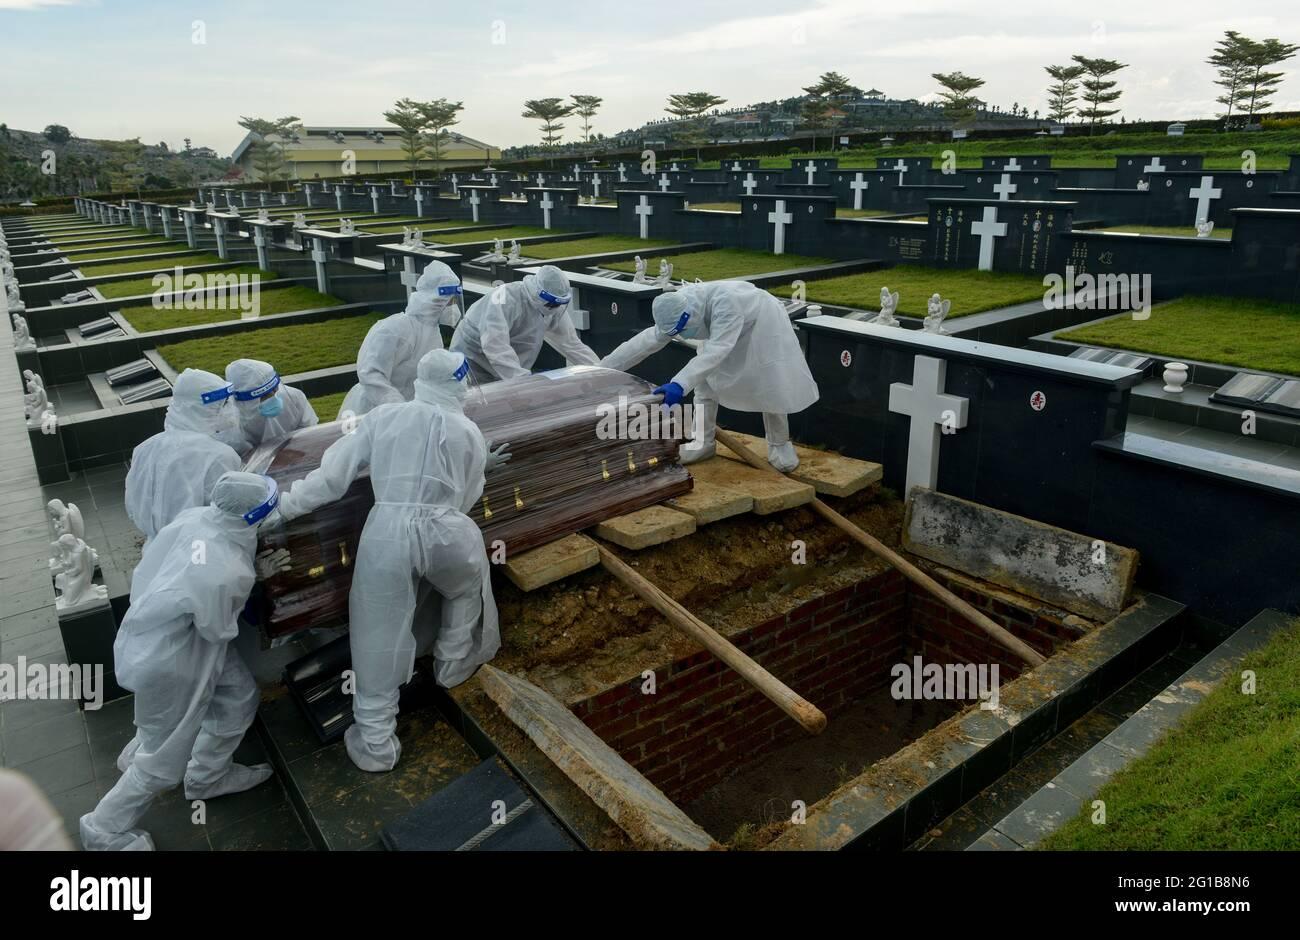 Klang, Selangor, Malaysia. Juni 2021. Mitarbeiter des Bestattungsdienstes, die persönliche Schutzausrüstung tragen, bereiten sich darauf vor, den Sarg eines Opfers der Coronavirus-Krankheit (COVID-19) auf dem Friedhof zu begraben. Kredit: Keepy/ZUMA Wire/Alamy Live Nachrichten Stockfoto